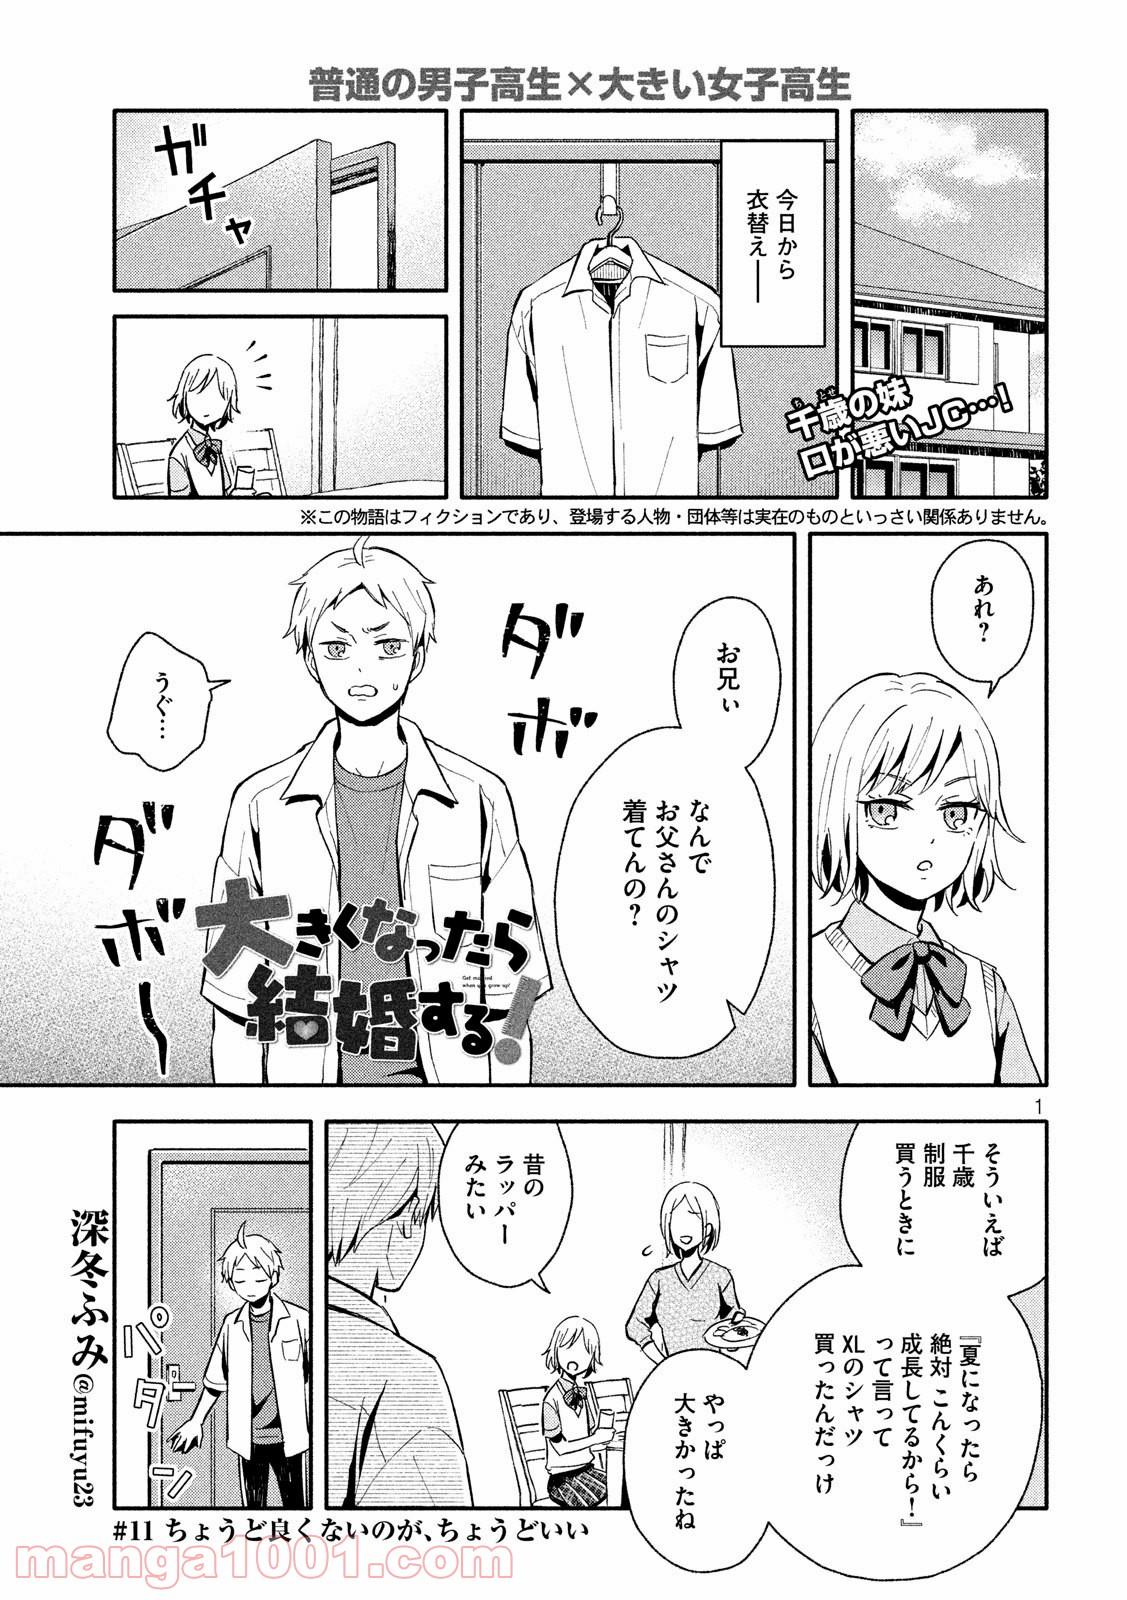 大きくなったら結婚する! - Raw 【第11話】 - Manga1001.com